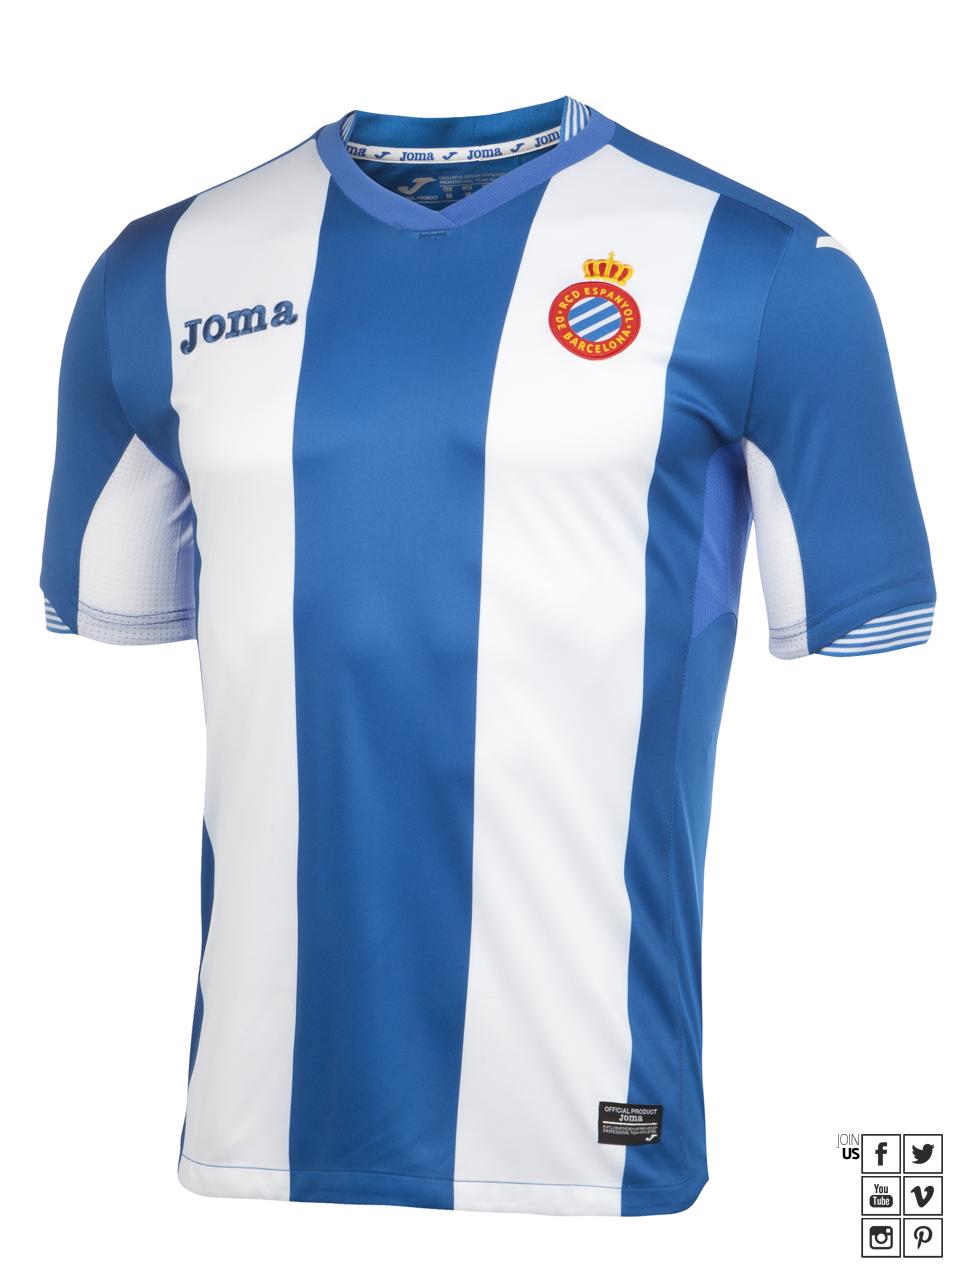 Moda La Liga 2015-16  as camisas do campeonato espanhol. – Fut Pop Clube 7554da2b138e5